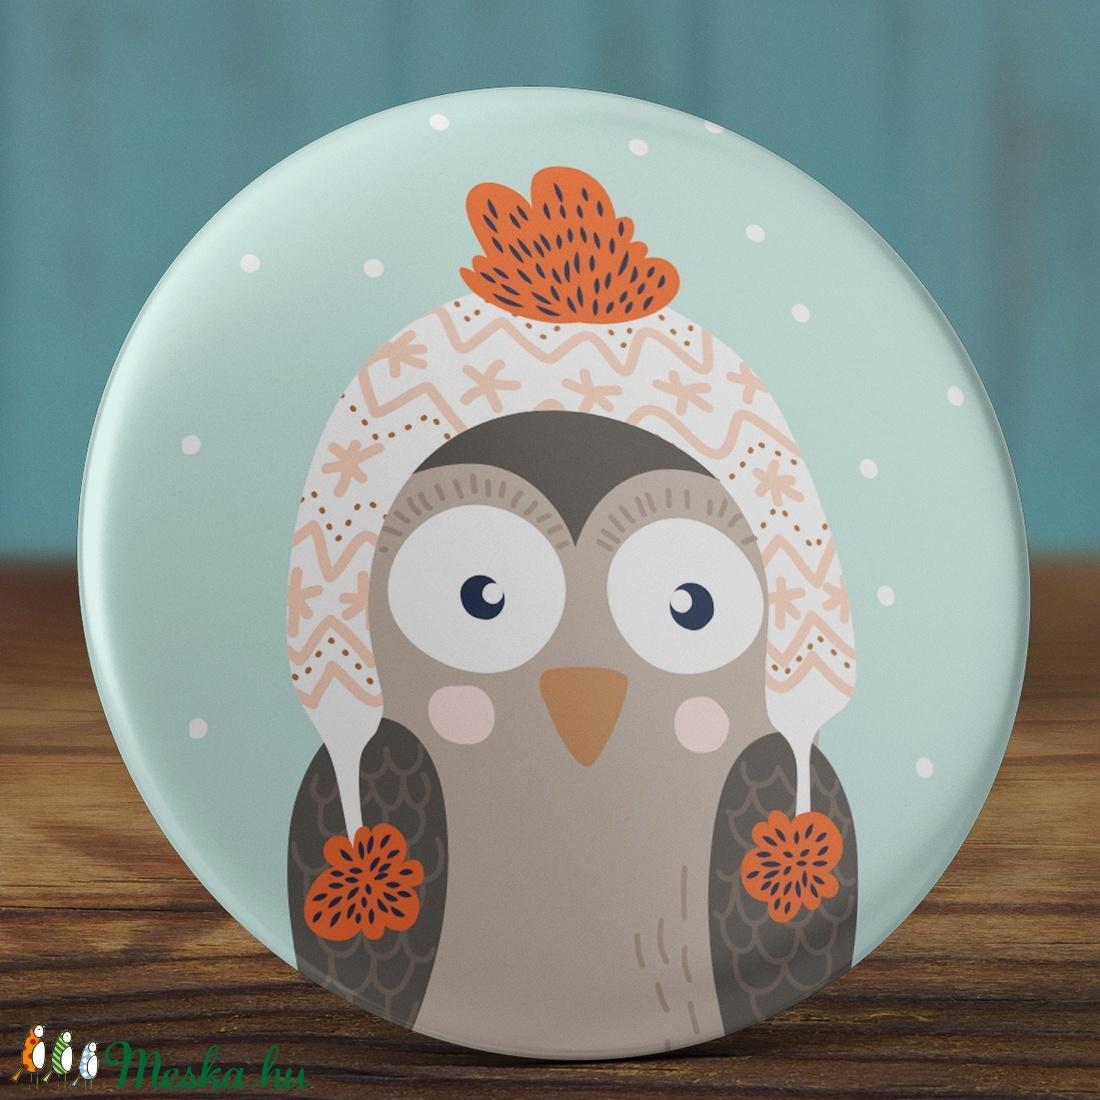 Karácsonyi tükör - Sapkás bagoly zsebtükör - karácsony zsebtükör  - bagoly tükör - karácsony ajándék - tél (AngelPin) - Meska.hu